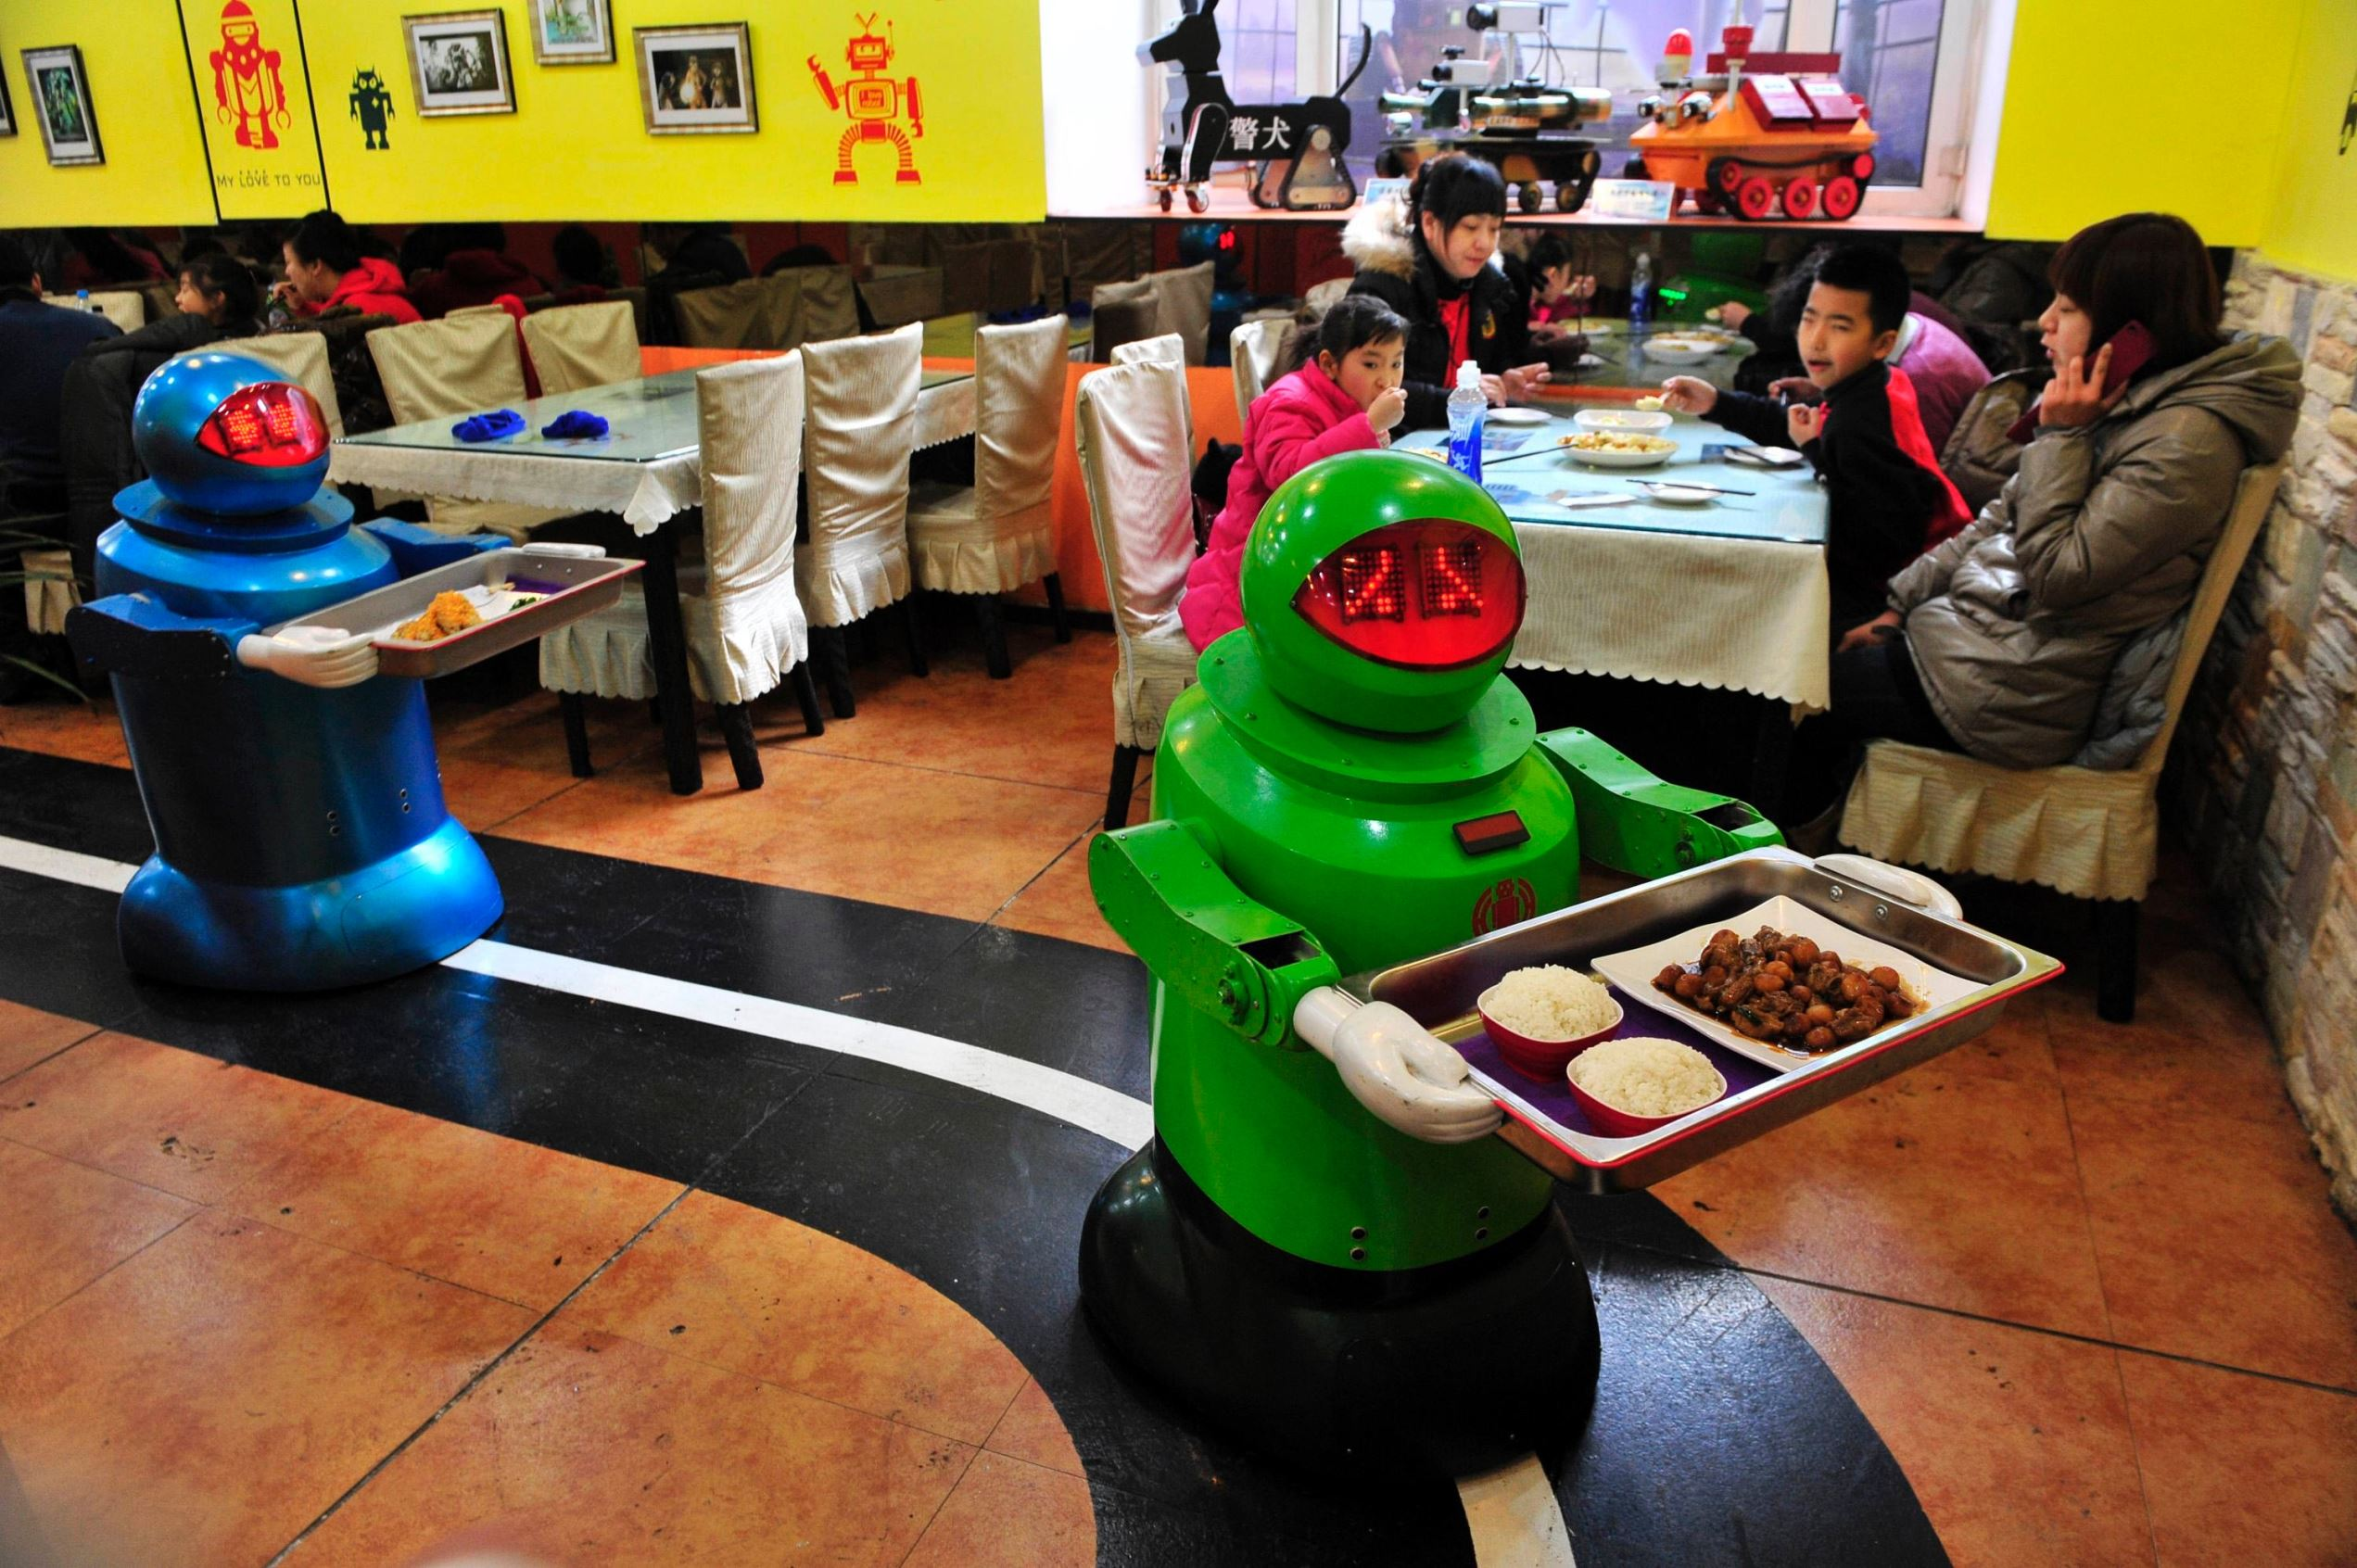 מסעדה המעסיקה רובוטים